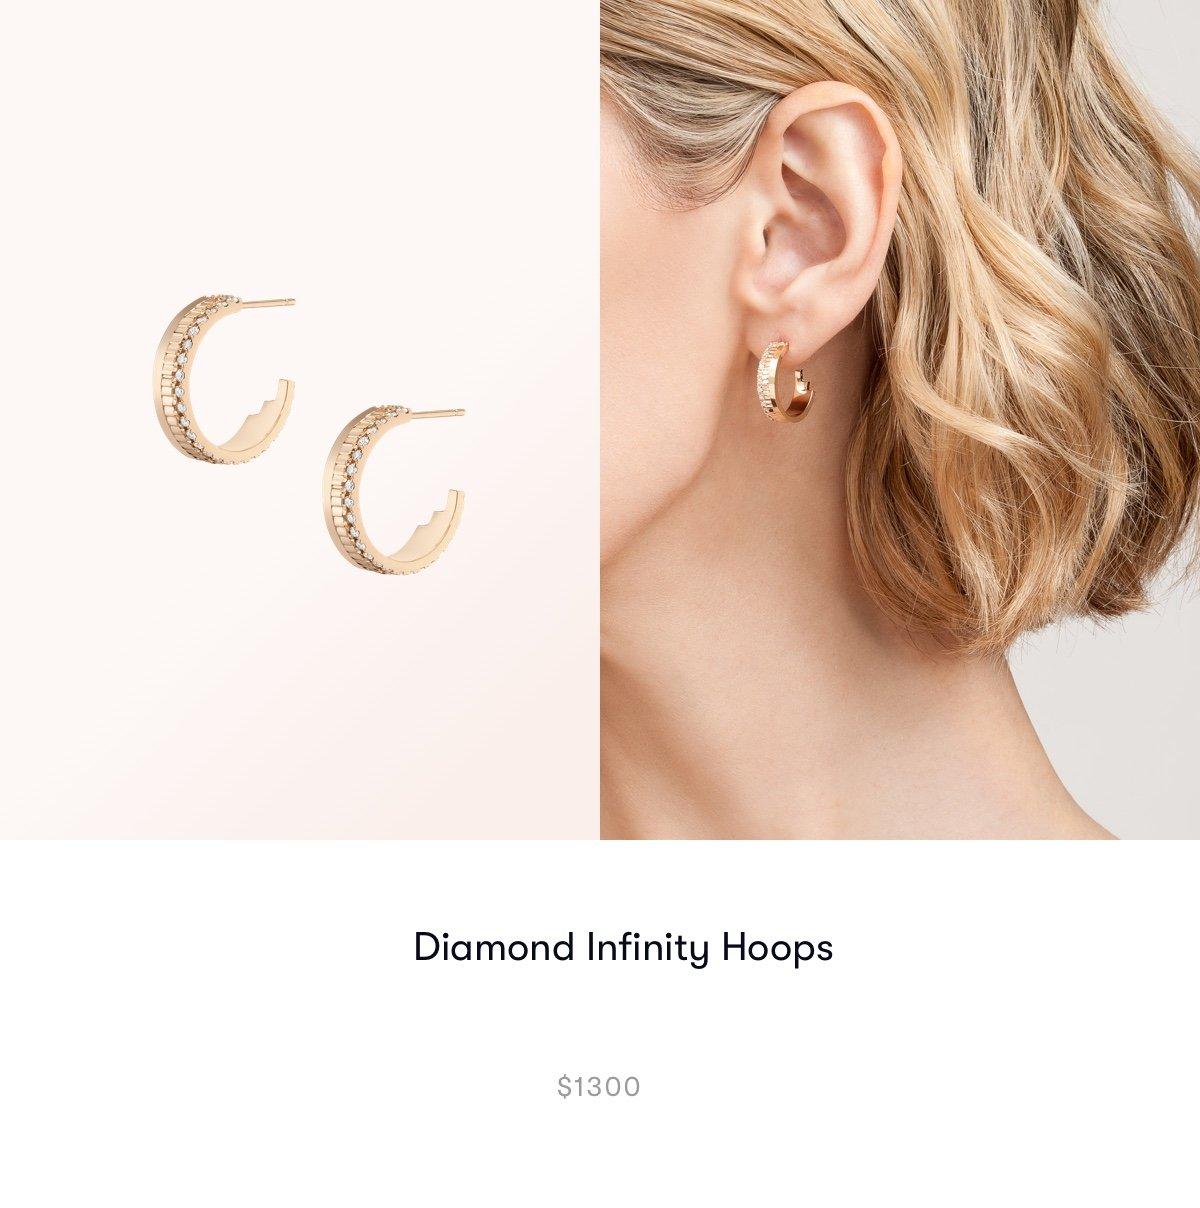 Diamond Infinity Hoops